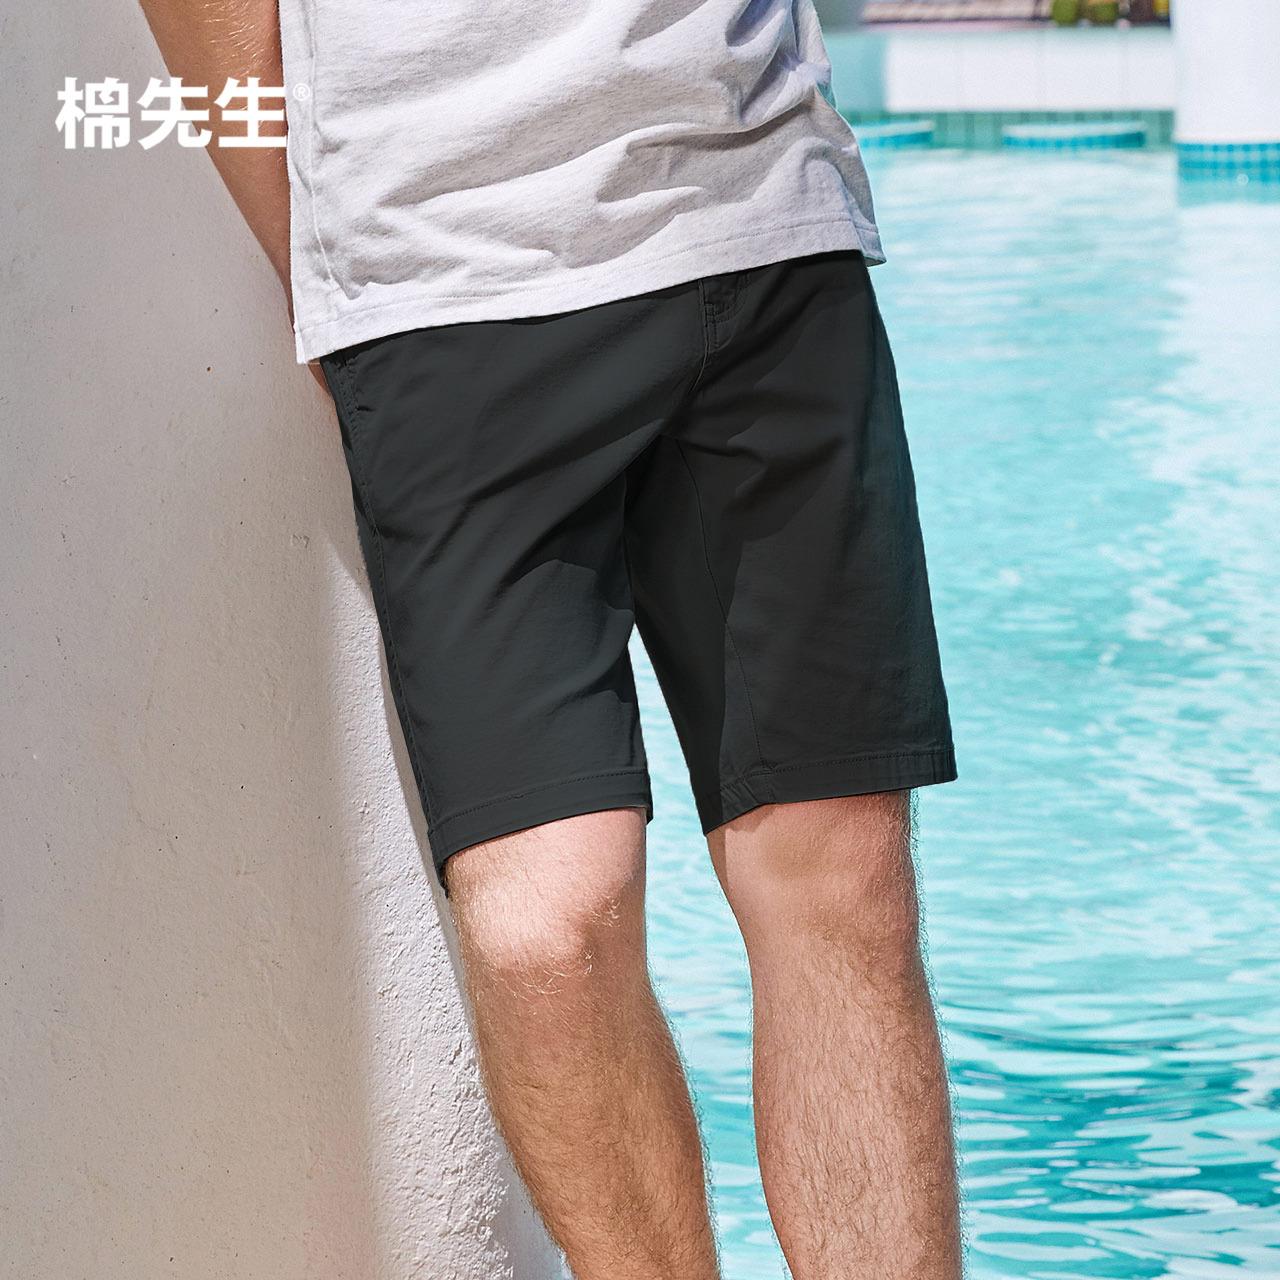 棉先生男装 夏季新款男士棉质休闲裤中裤 弹力五分裤男修身短裤